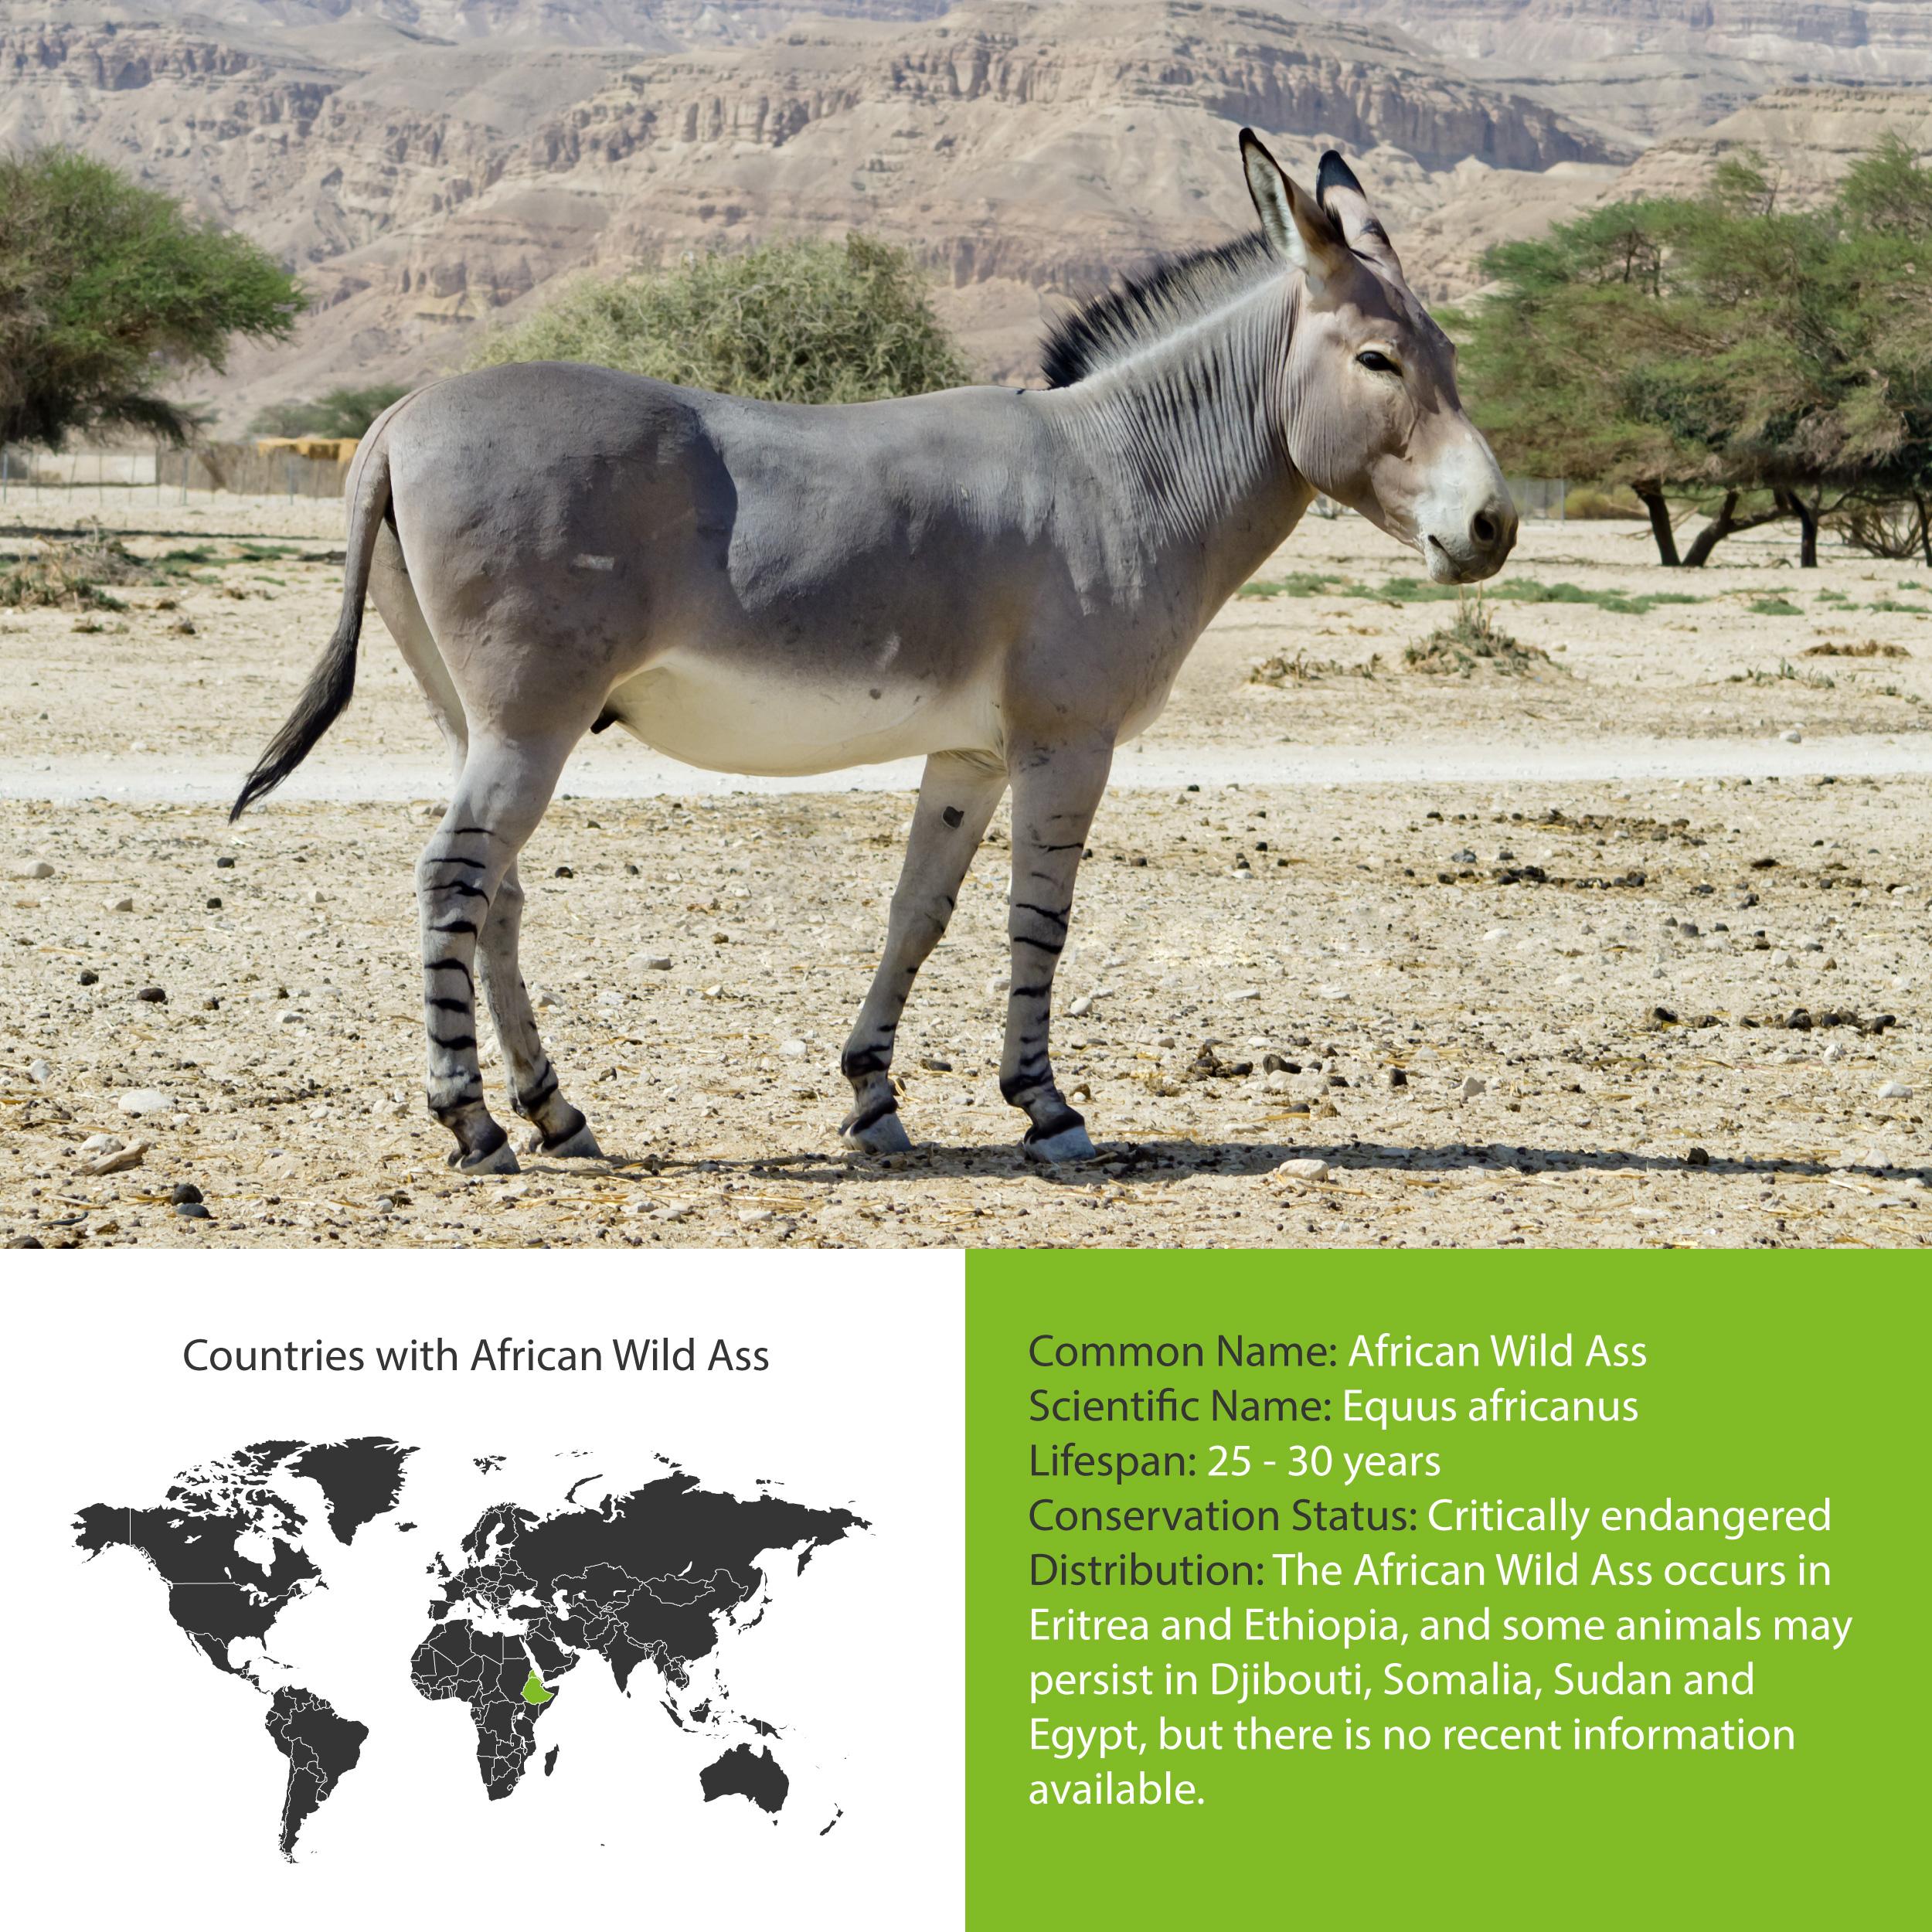 African Wild Ass Distribution